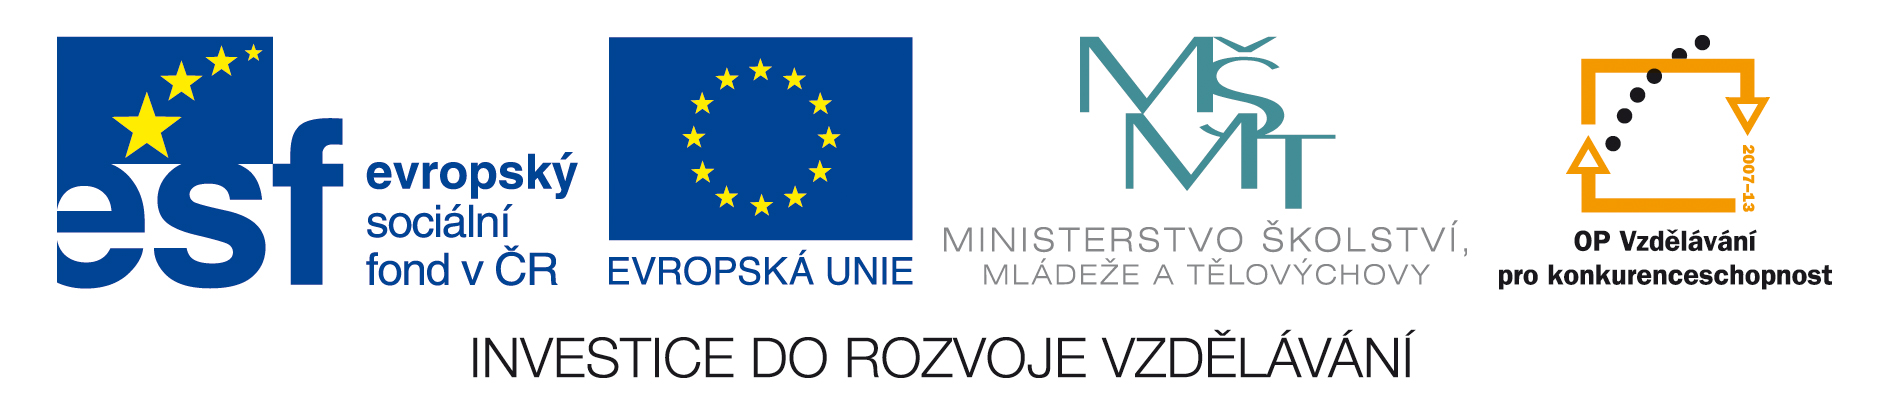 opvk_hor_zakladni_logolink_rgb_cz